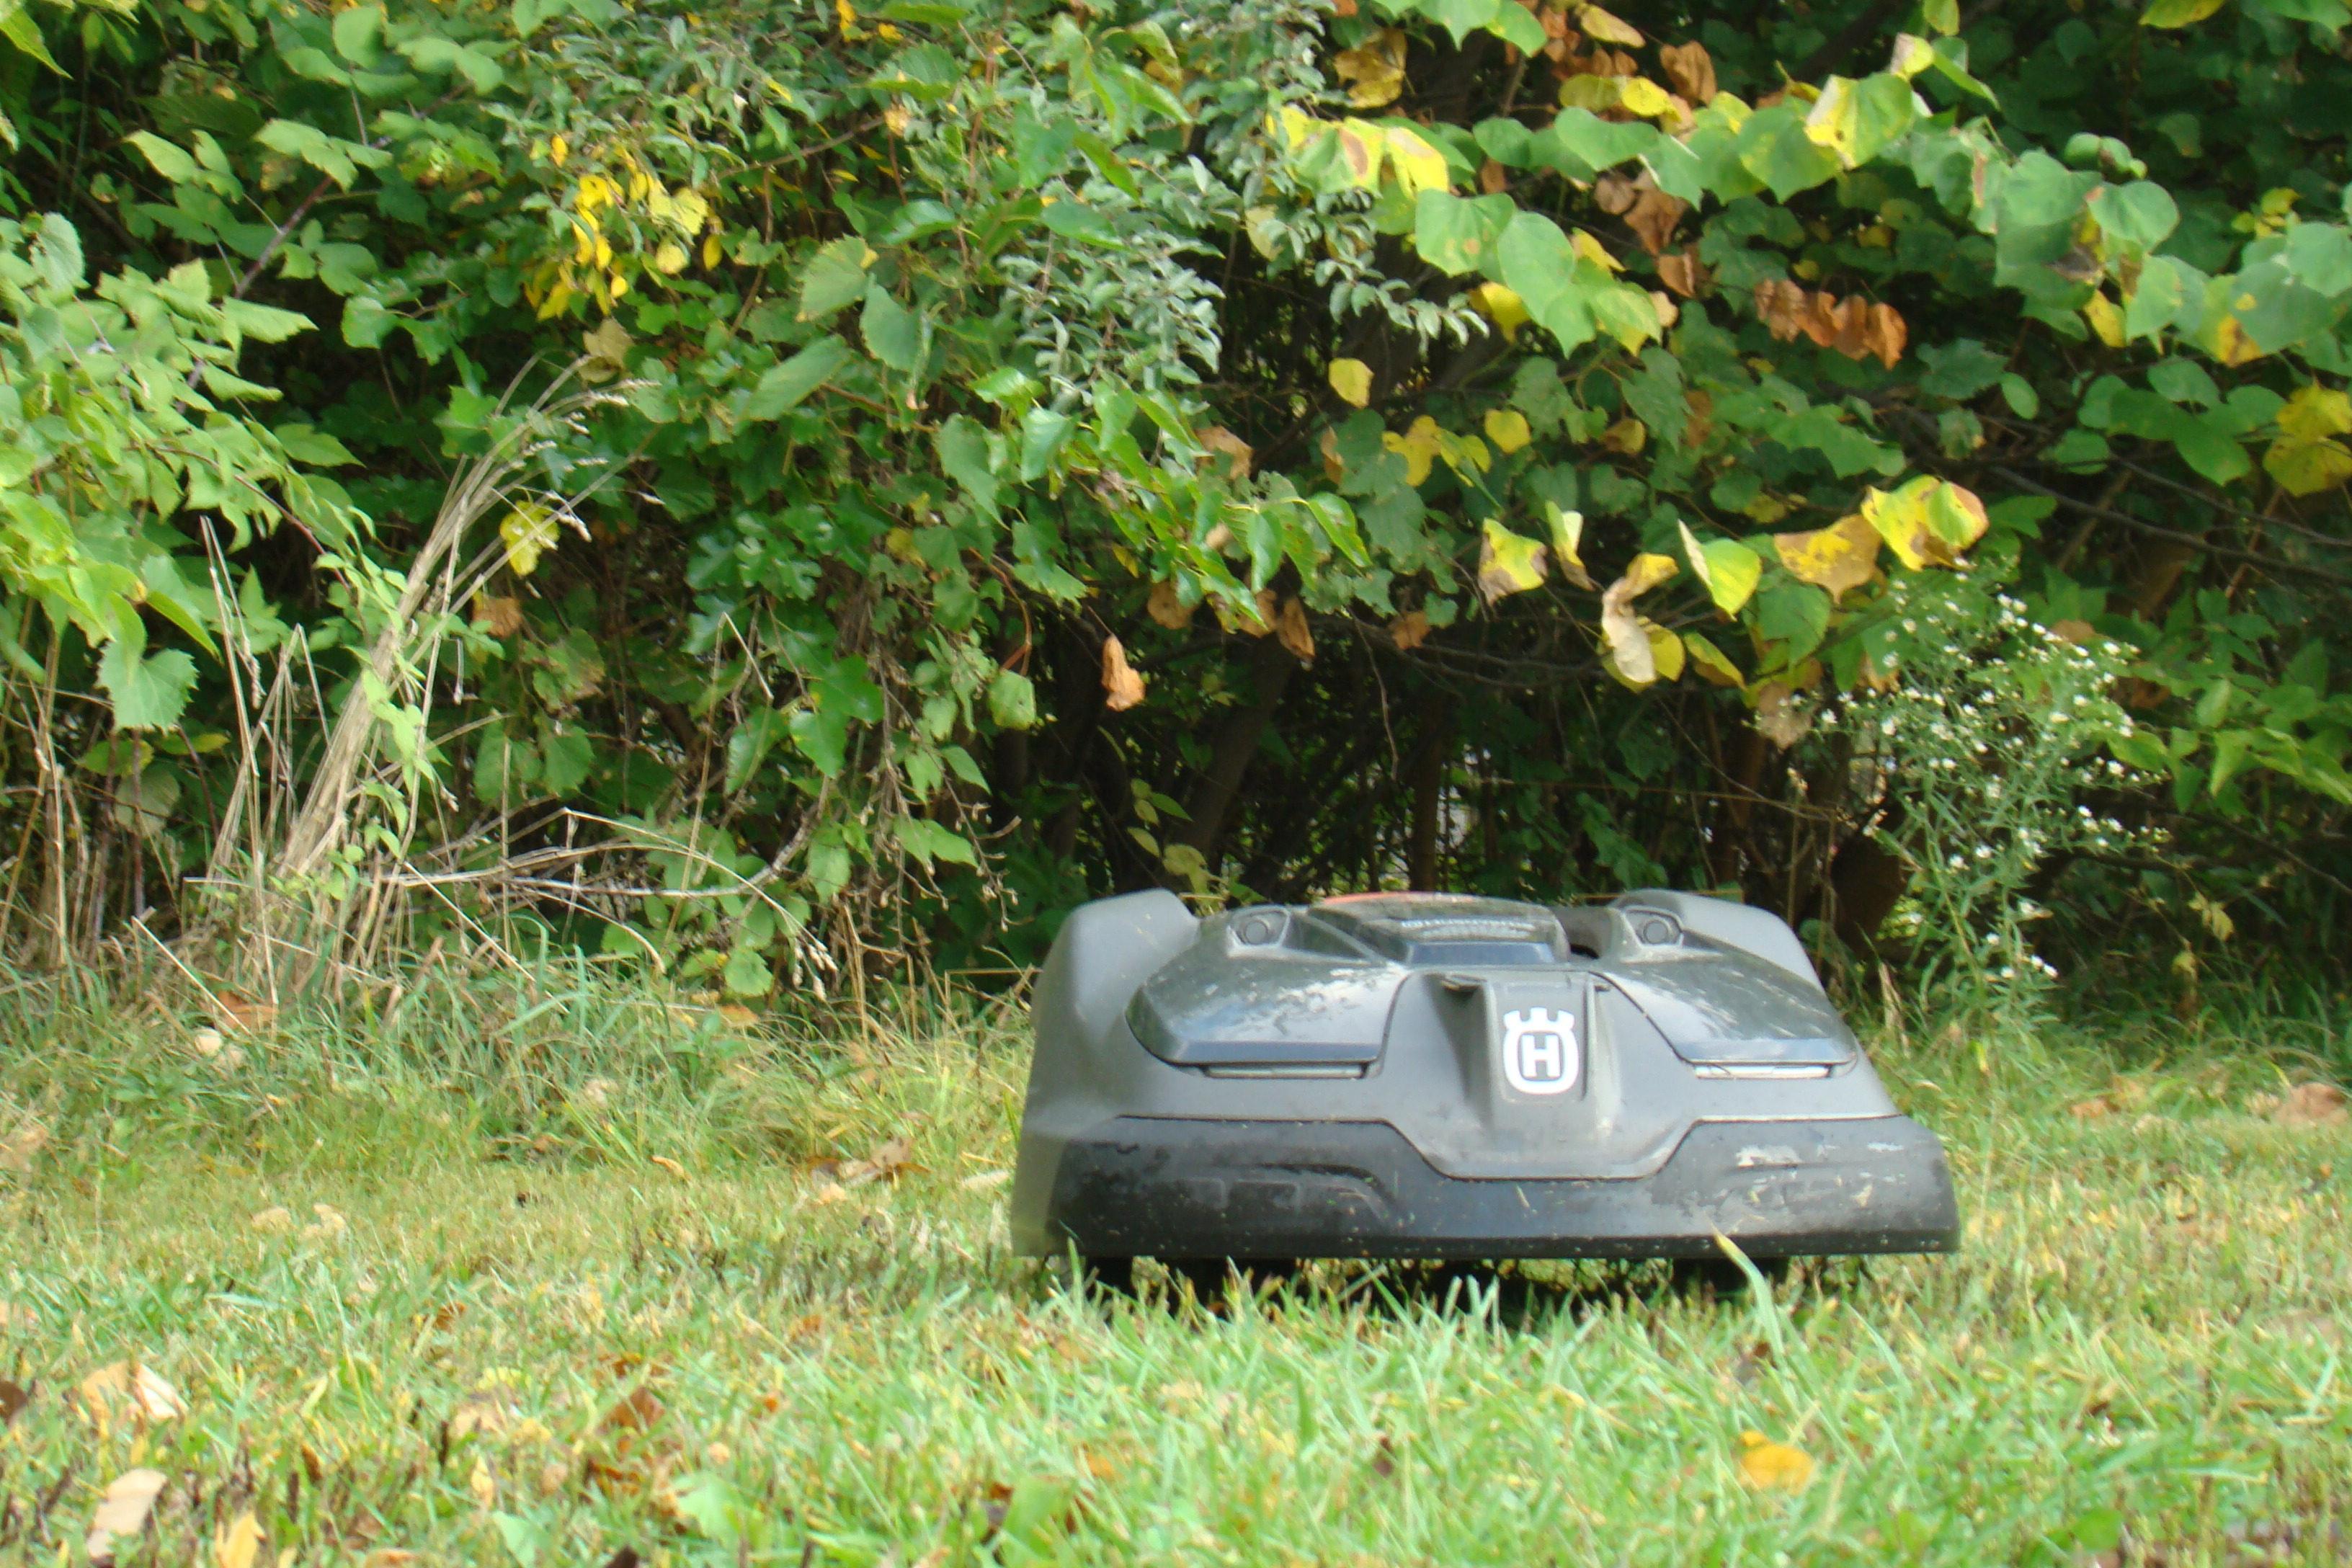 Robot mower nibbles grass